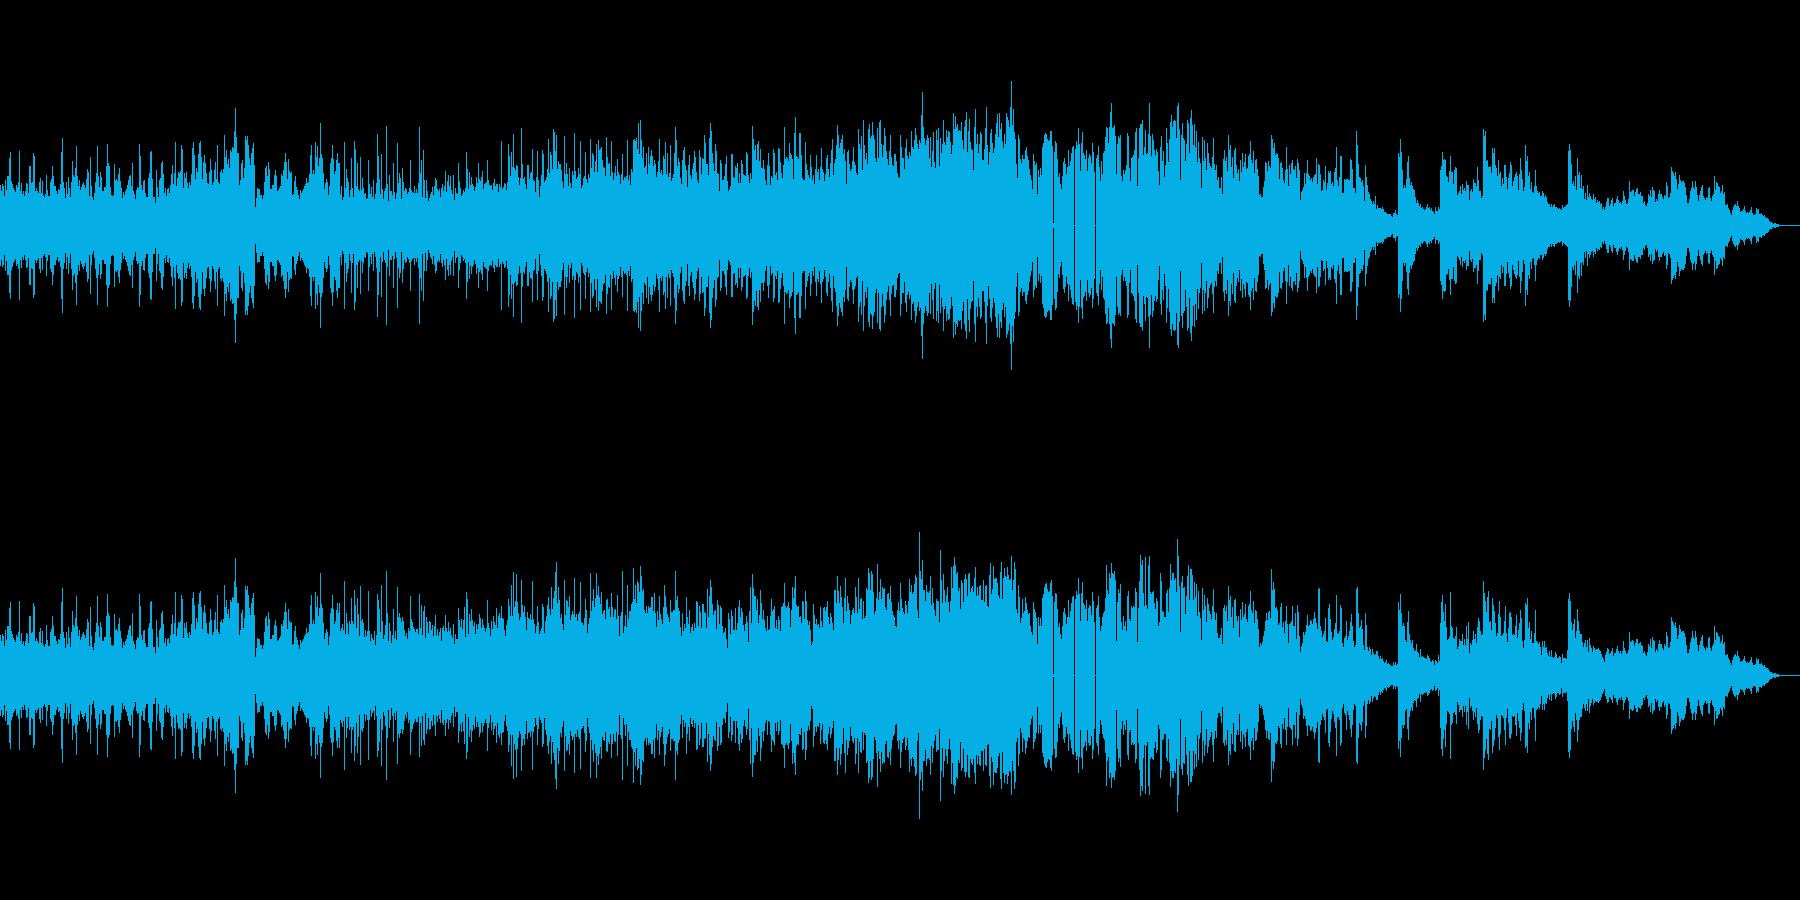 ホラー、サスペンスなアンビエントの再生済みの波形